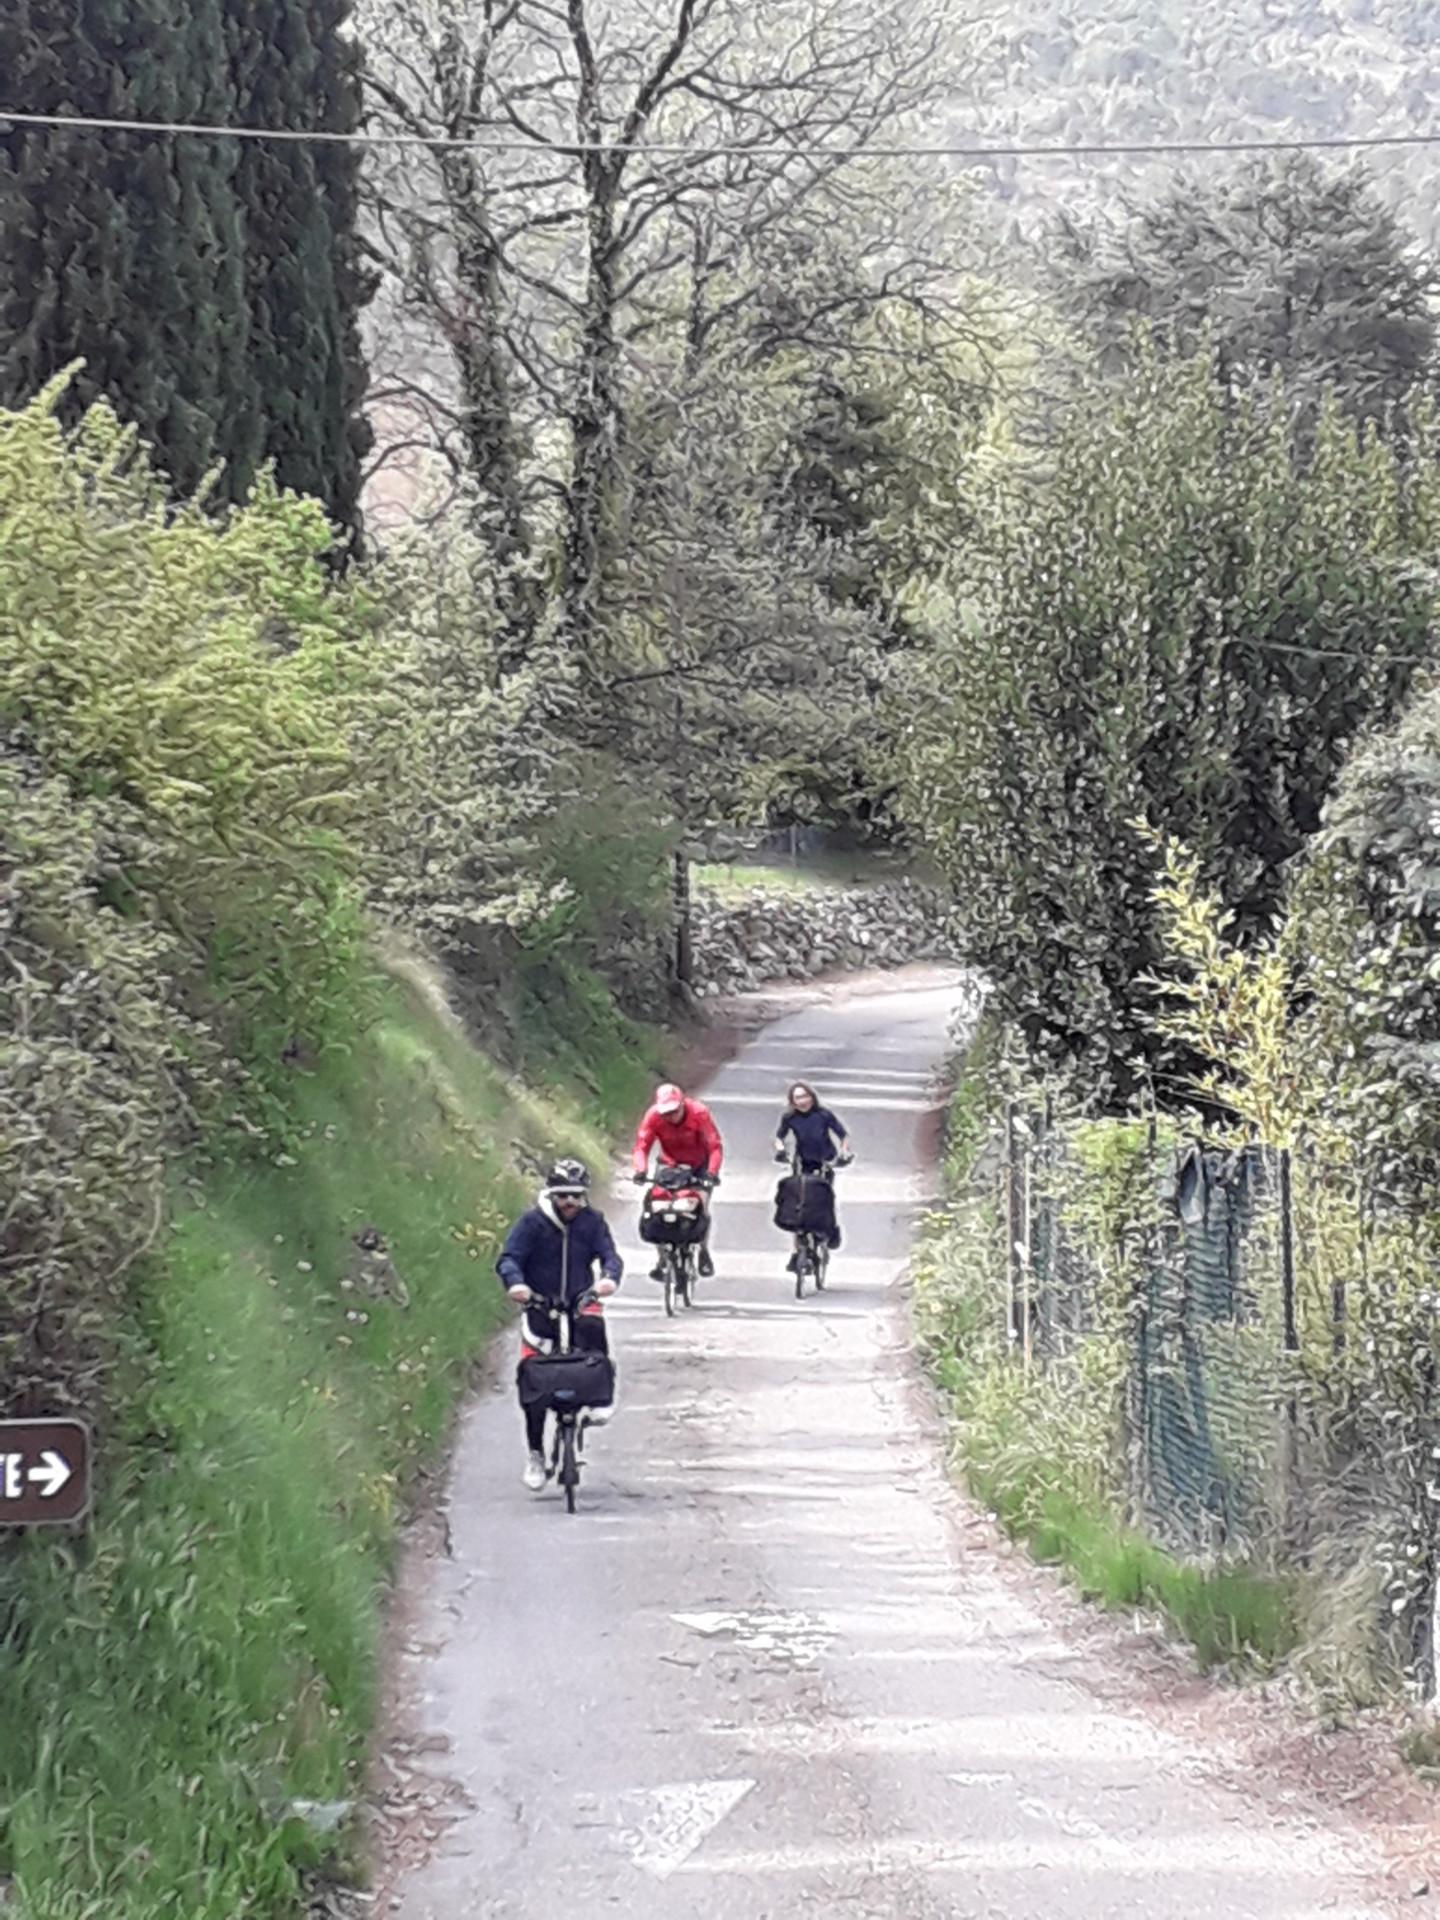 Tour du Luberon + Escapade dans le Verdon [24 avril au 2 mai 2019] saison 14 •Bƒ 20190413